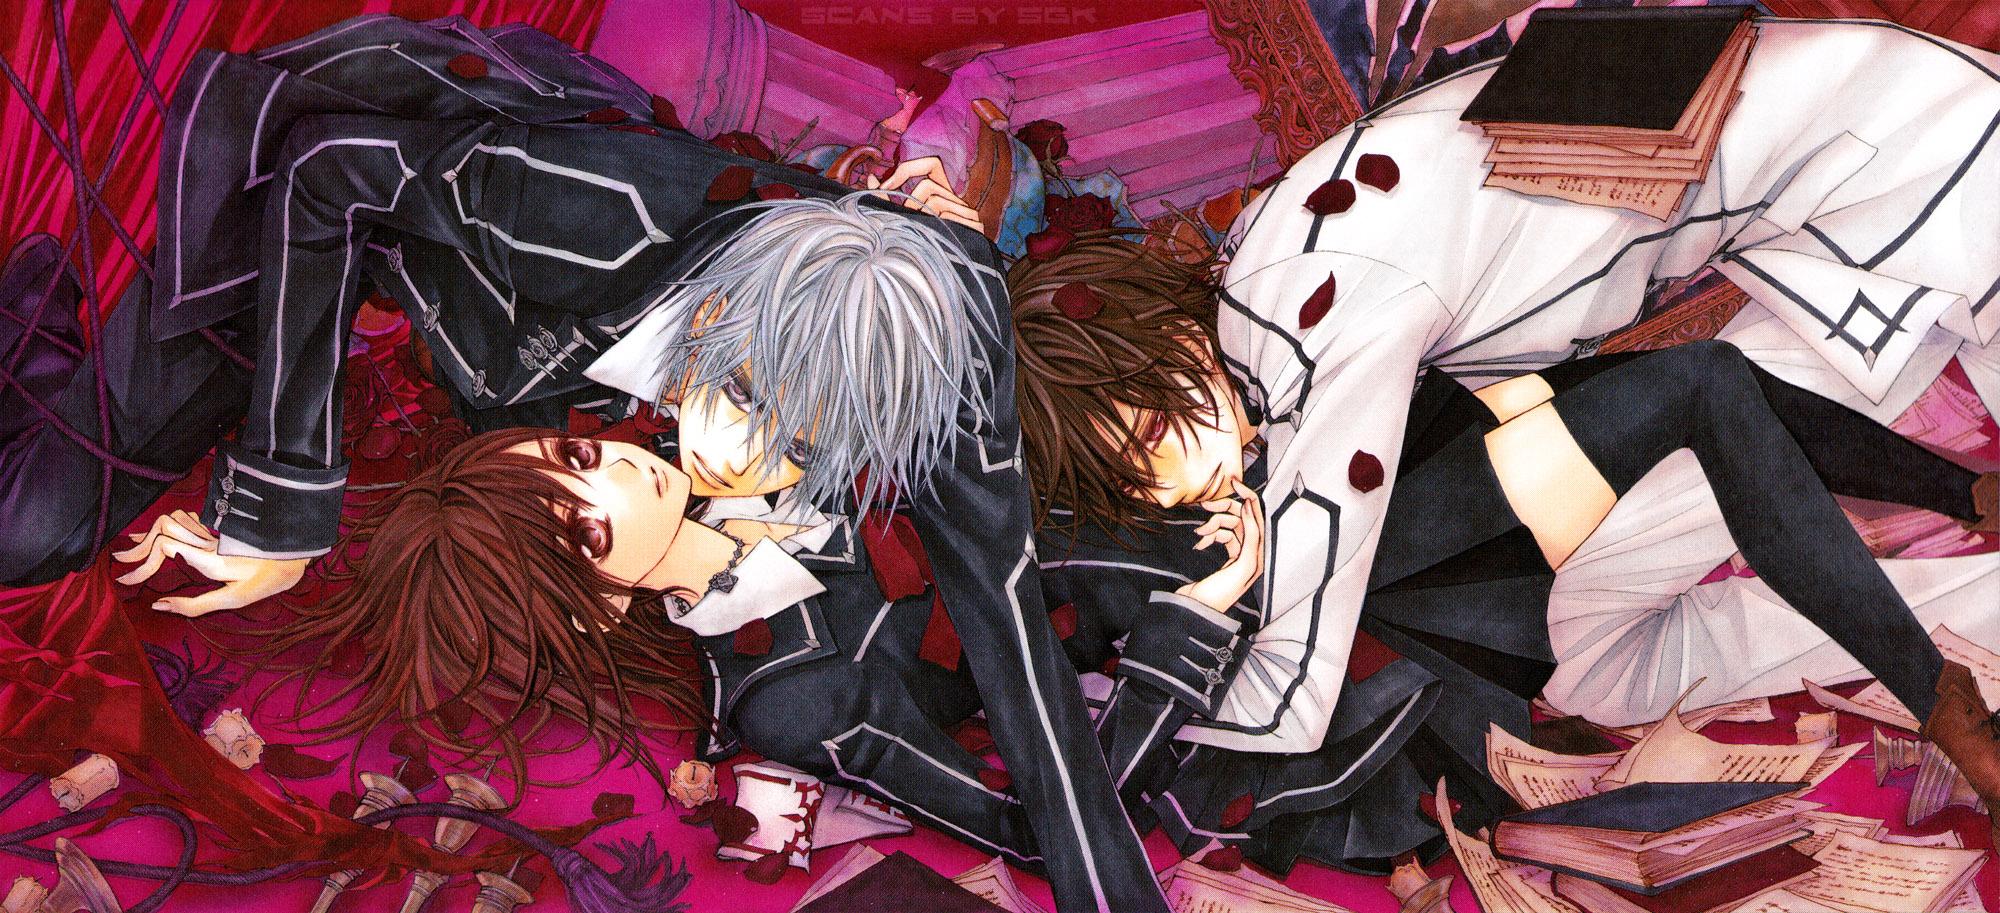 Anime ini adalah salah satu dari sekian banyak anime yang tampaknya lebih terfokus kepada perempuan begitu banyak vampir laki laki yang tamvan